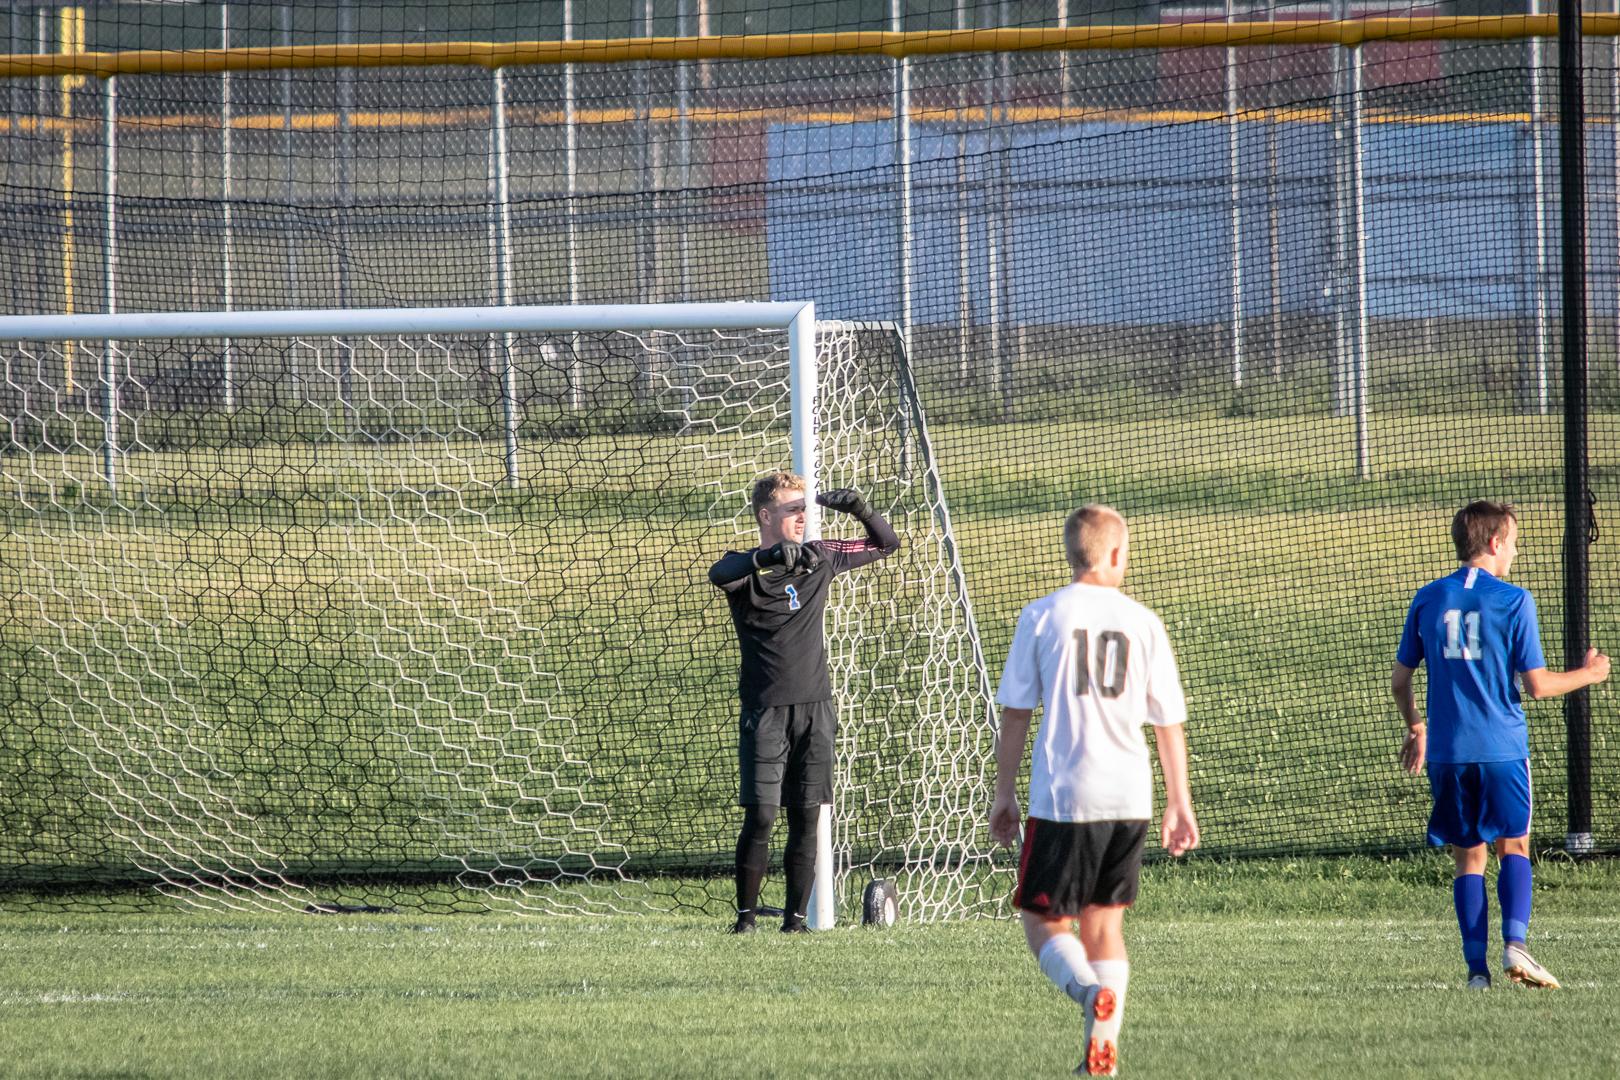 Marian-Varsity-Boys-Soccer-9317.jpg